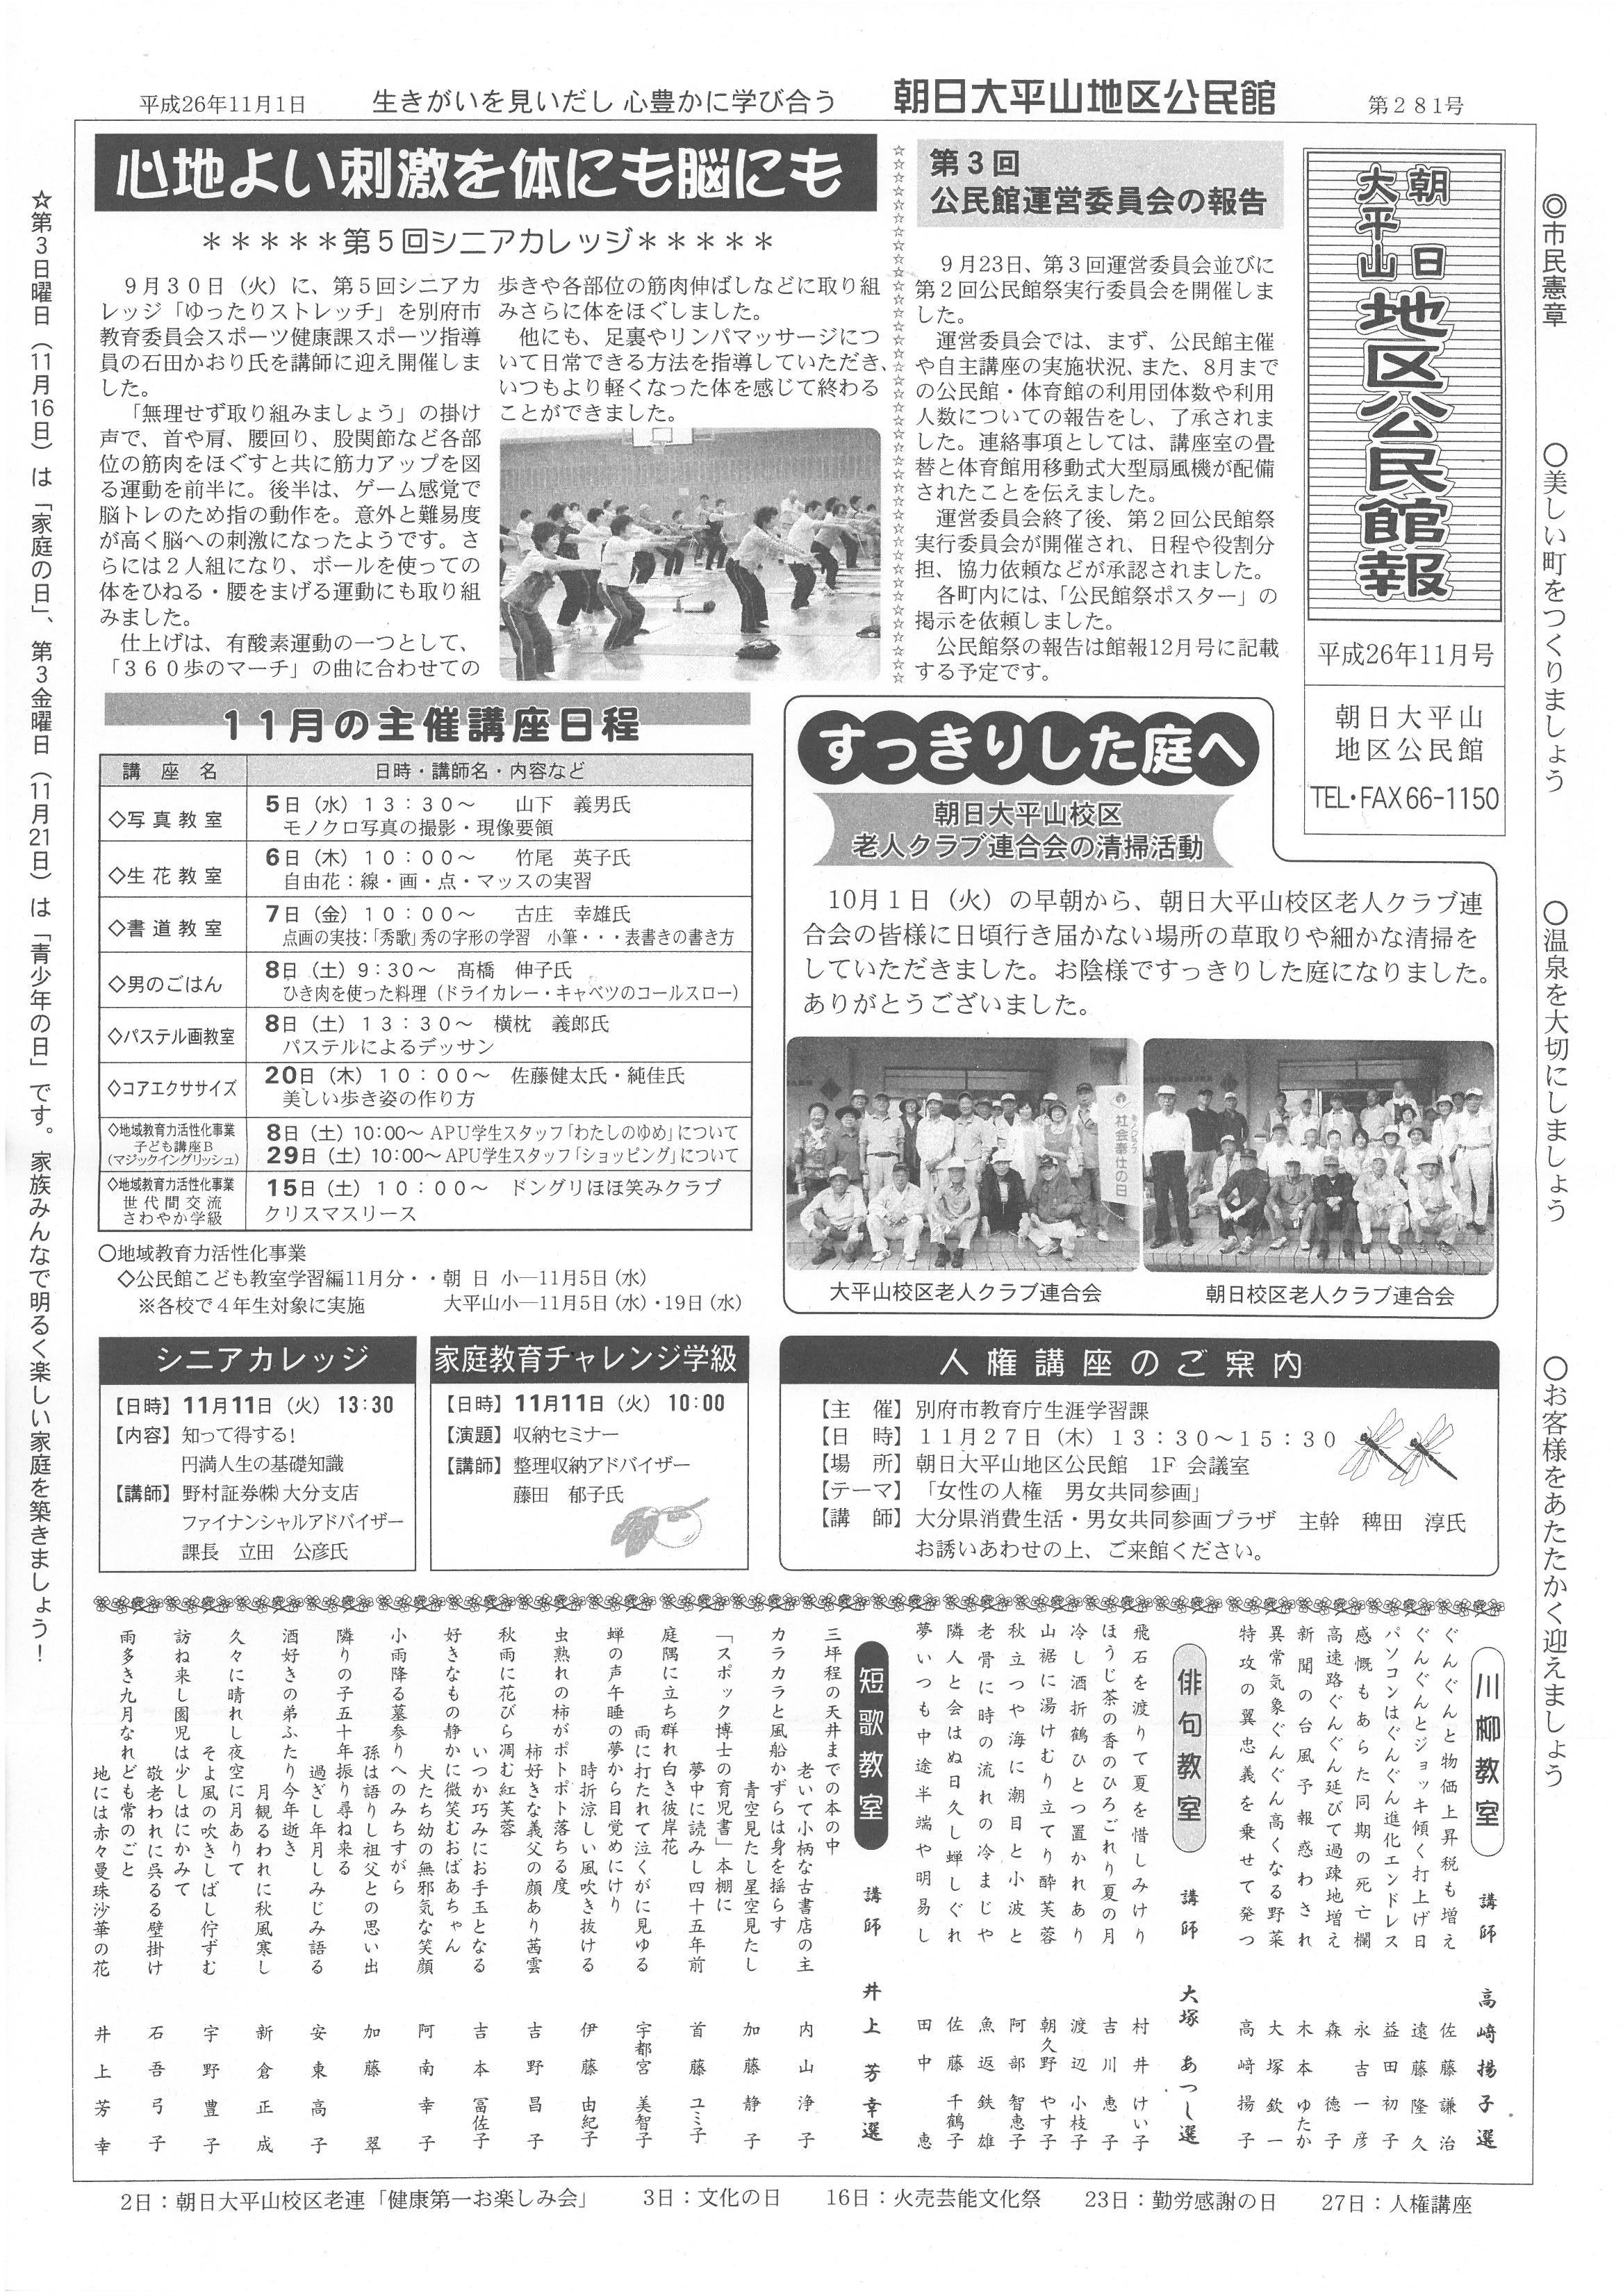 asahiohirayama2014_11